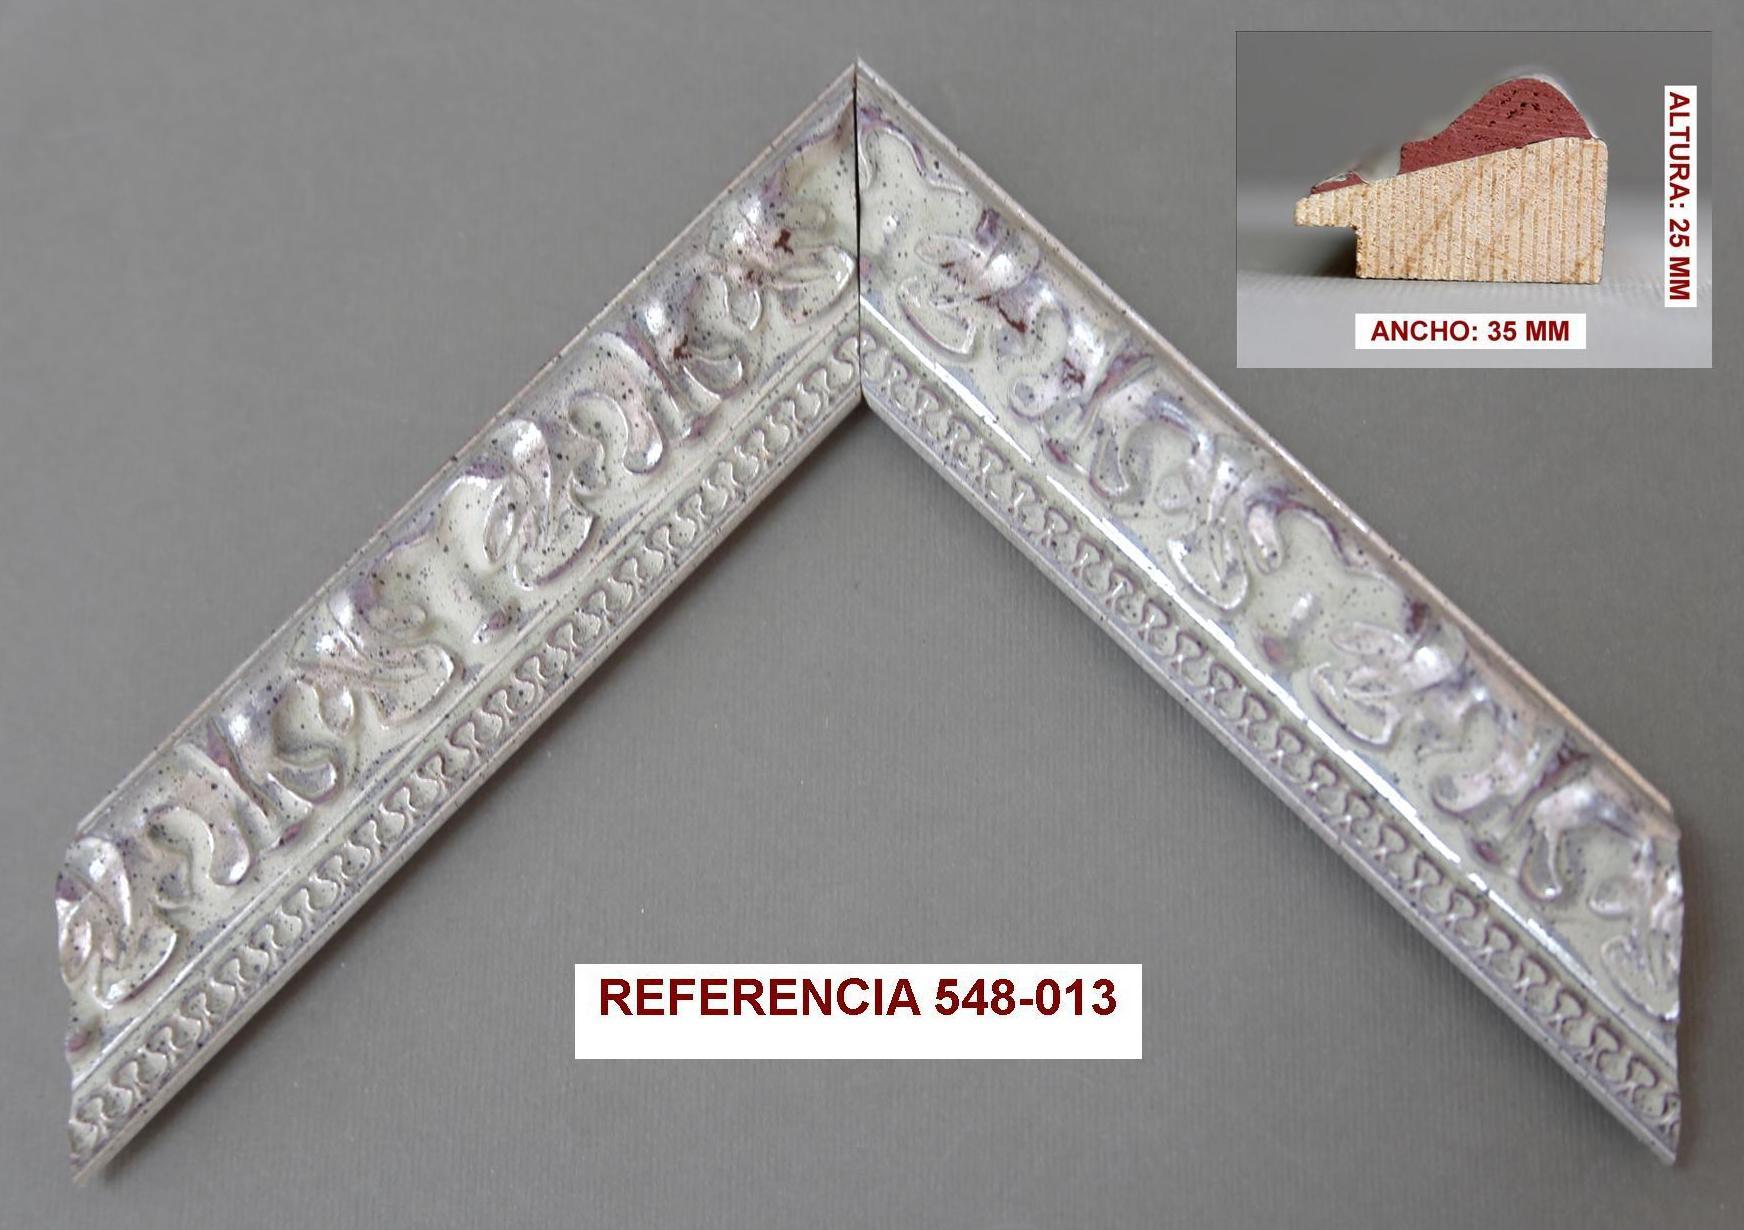 REF 548-013: Muestrario de Moldusevilla